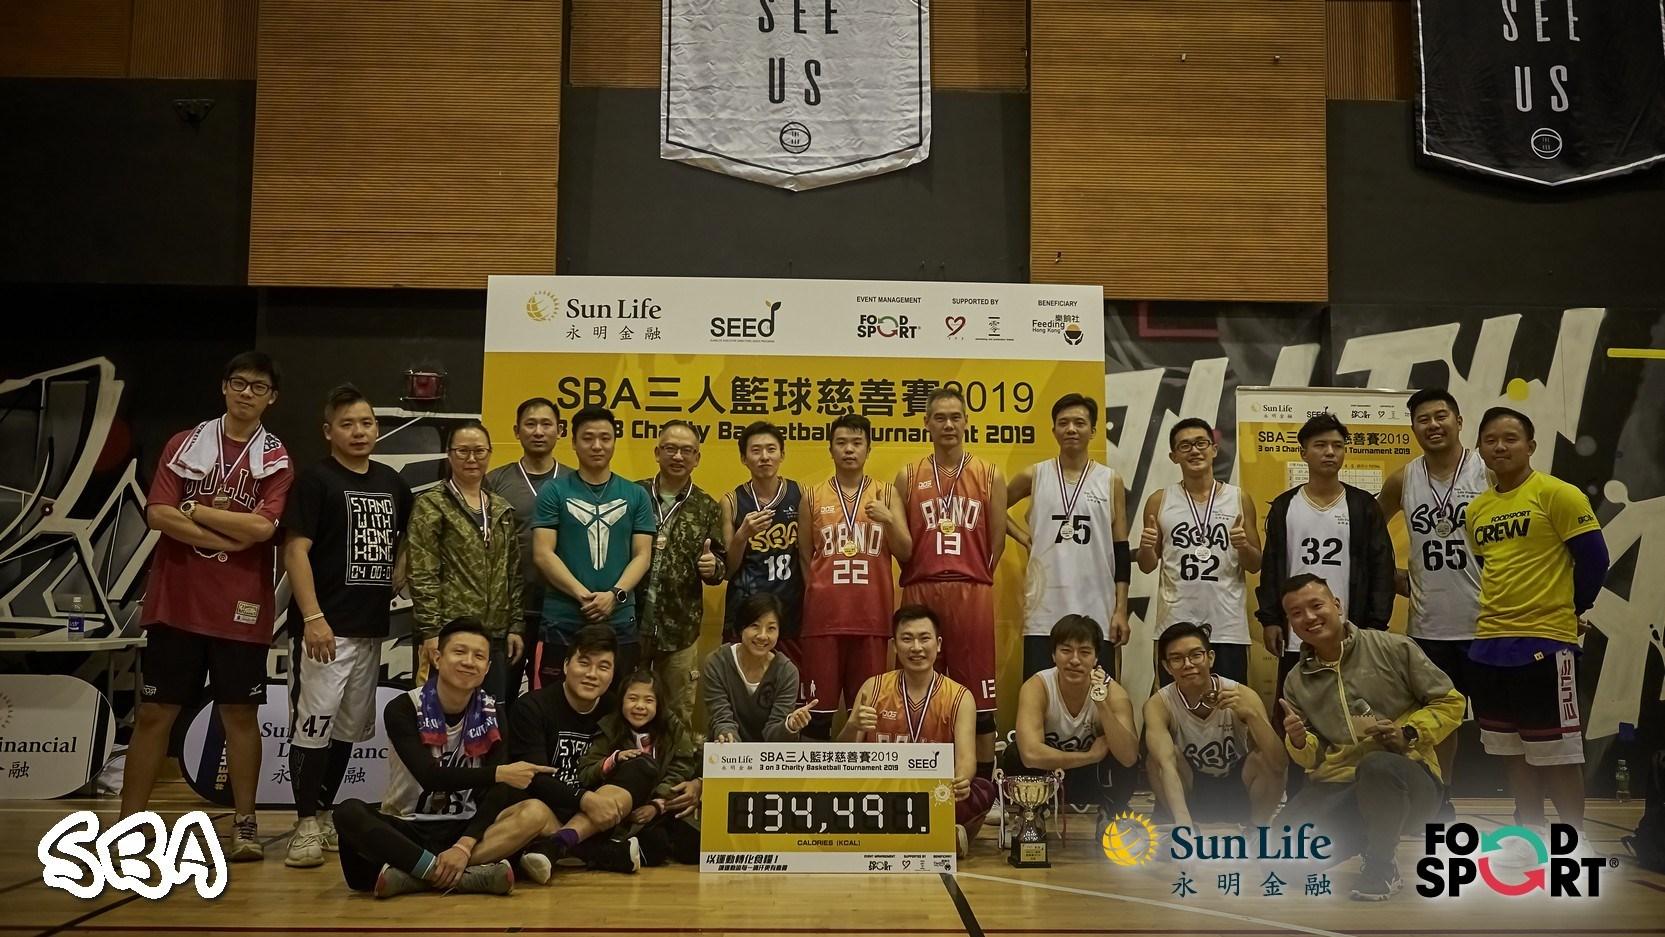 香港永明金融 X FOODSPORT「SBA籃球訓練計劃2019」